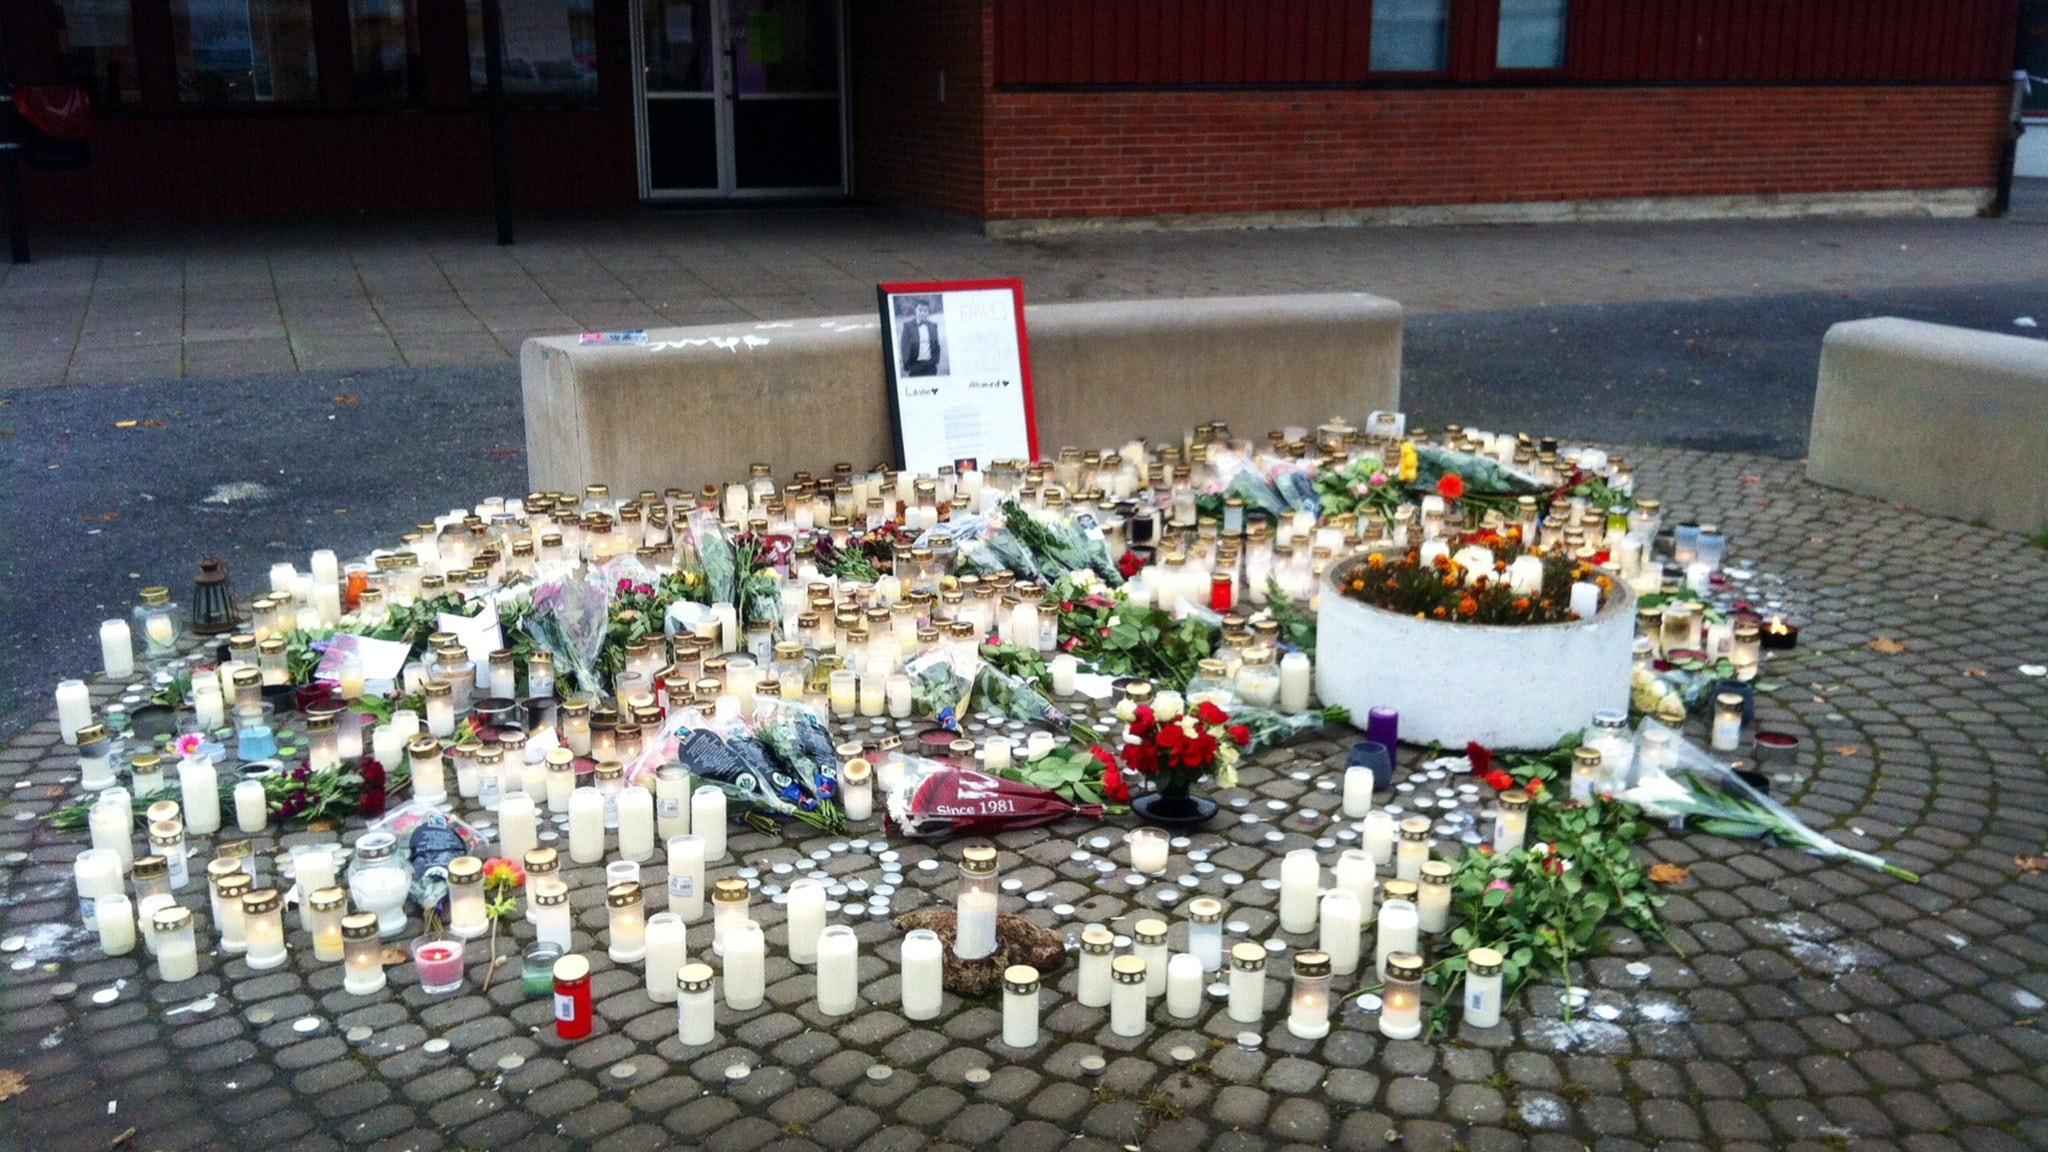 Mängder av ljus och blommor har placerats ut framför den skola där knivattackerna ägde rum. Foto: Alexandra Svedberg/Sveriges Radio.